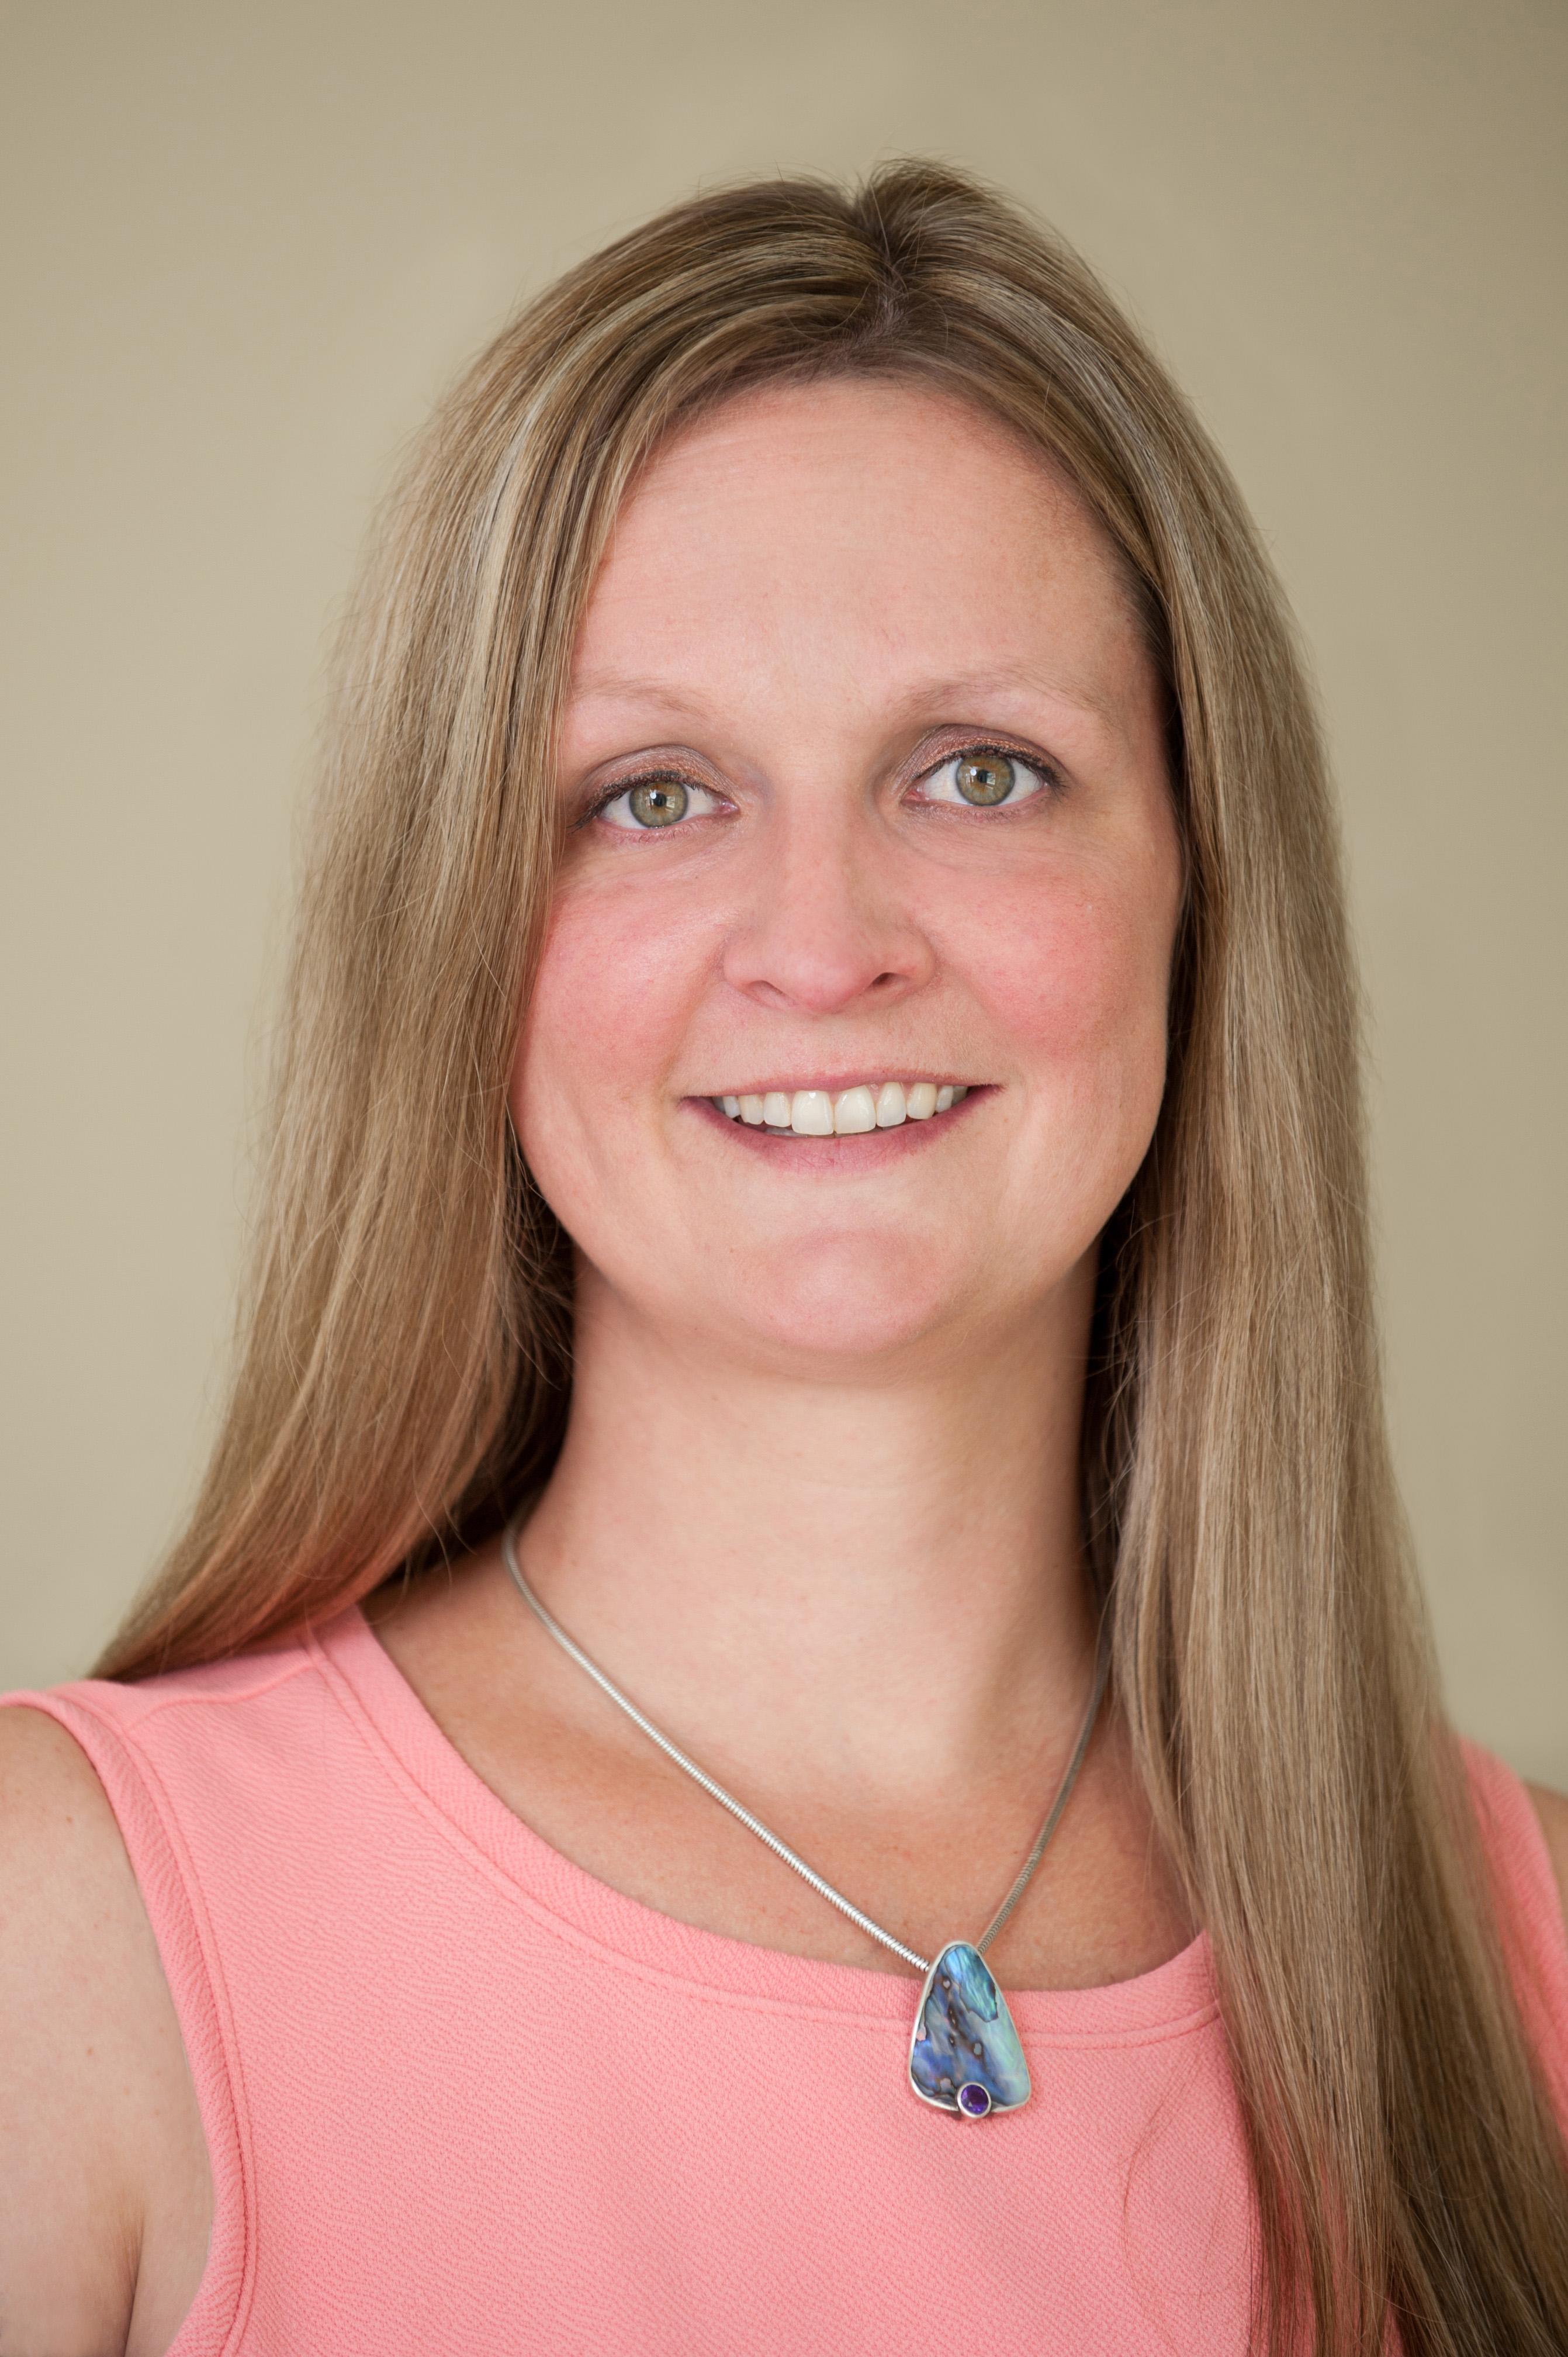 Molly C. Kirsch, BSN, RN